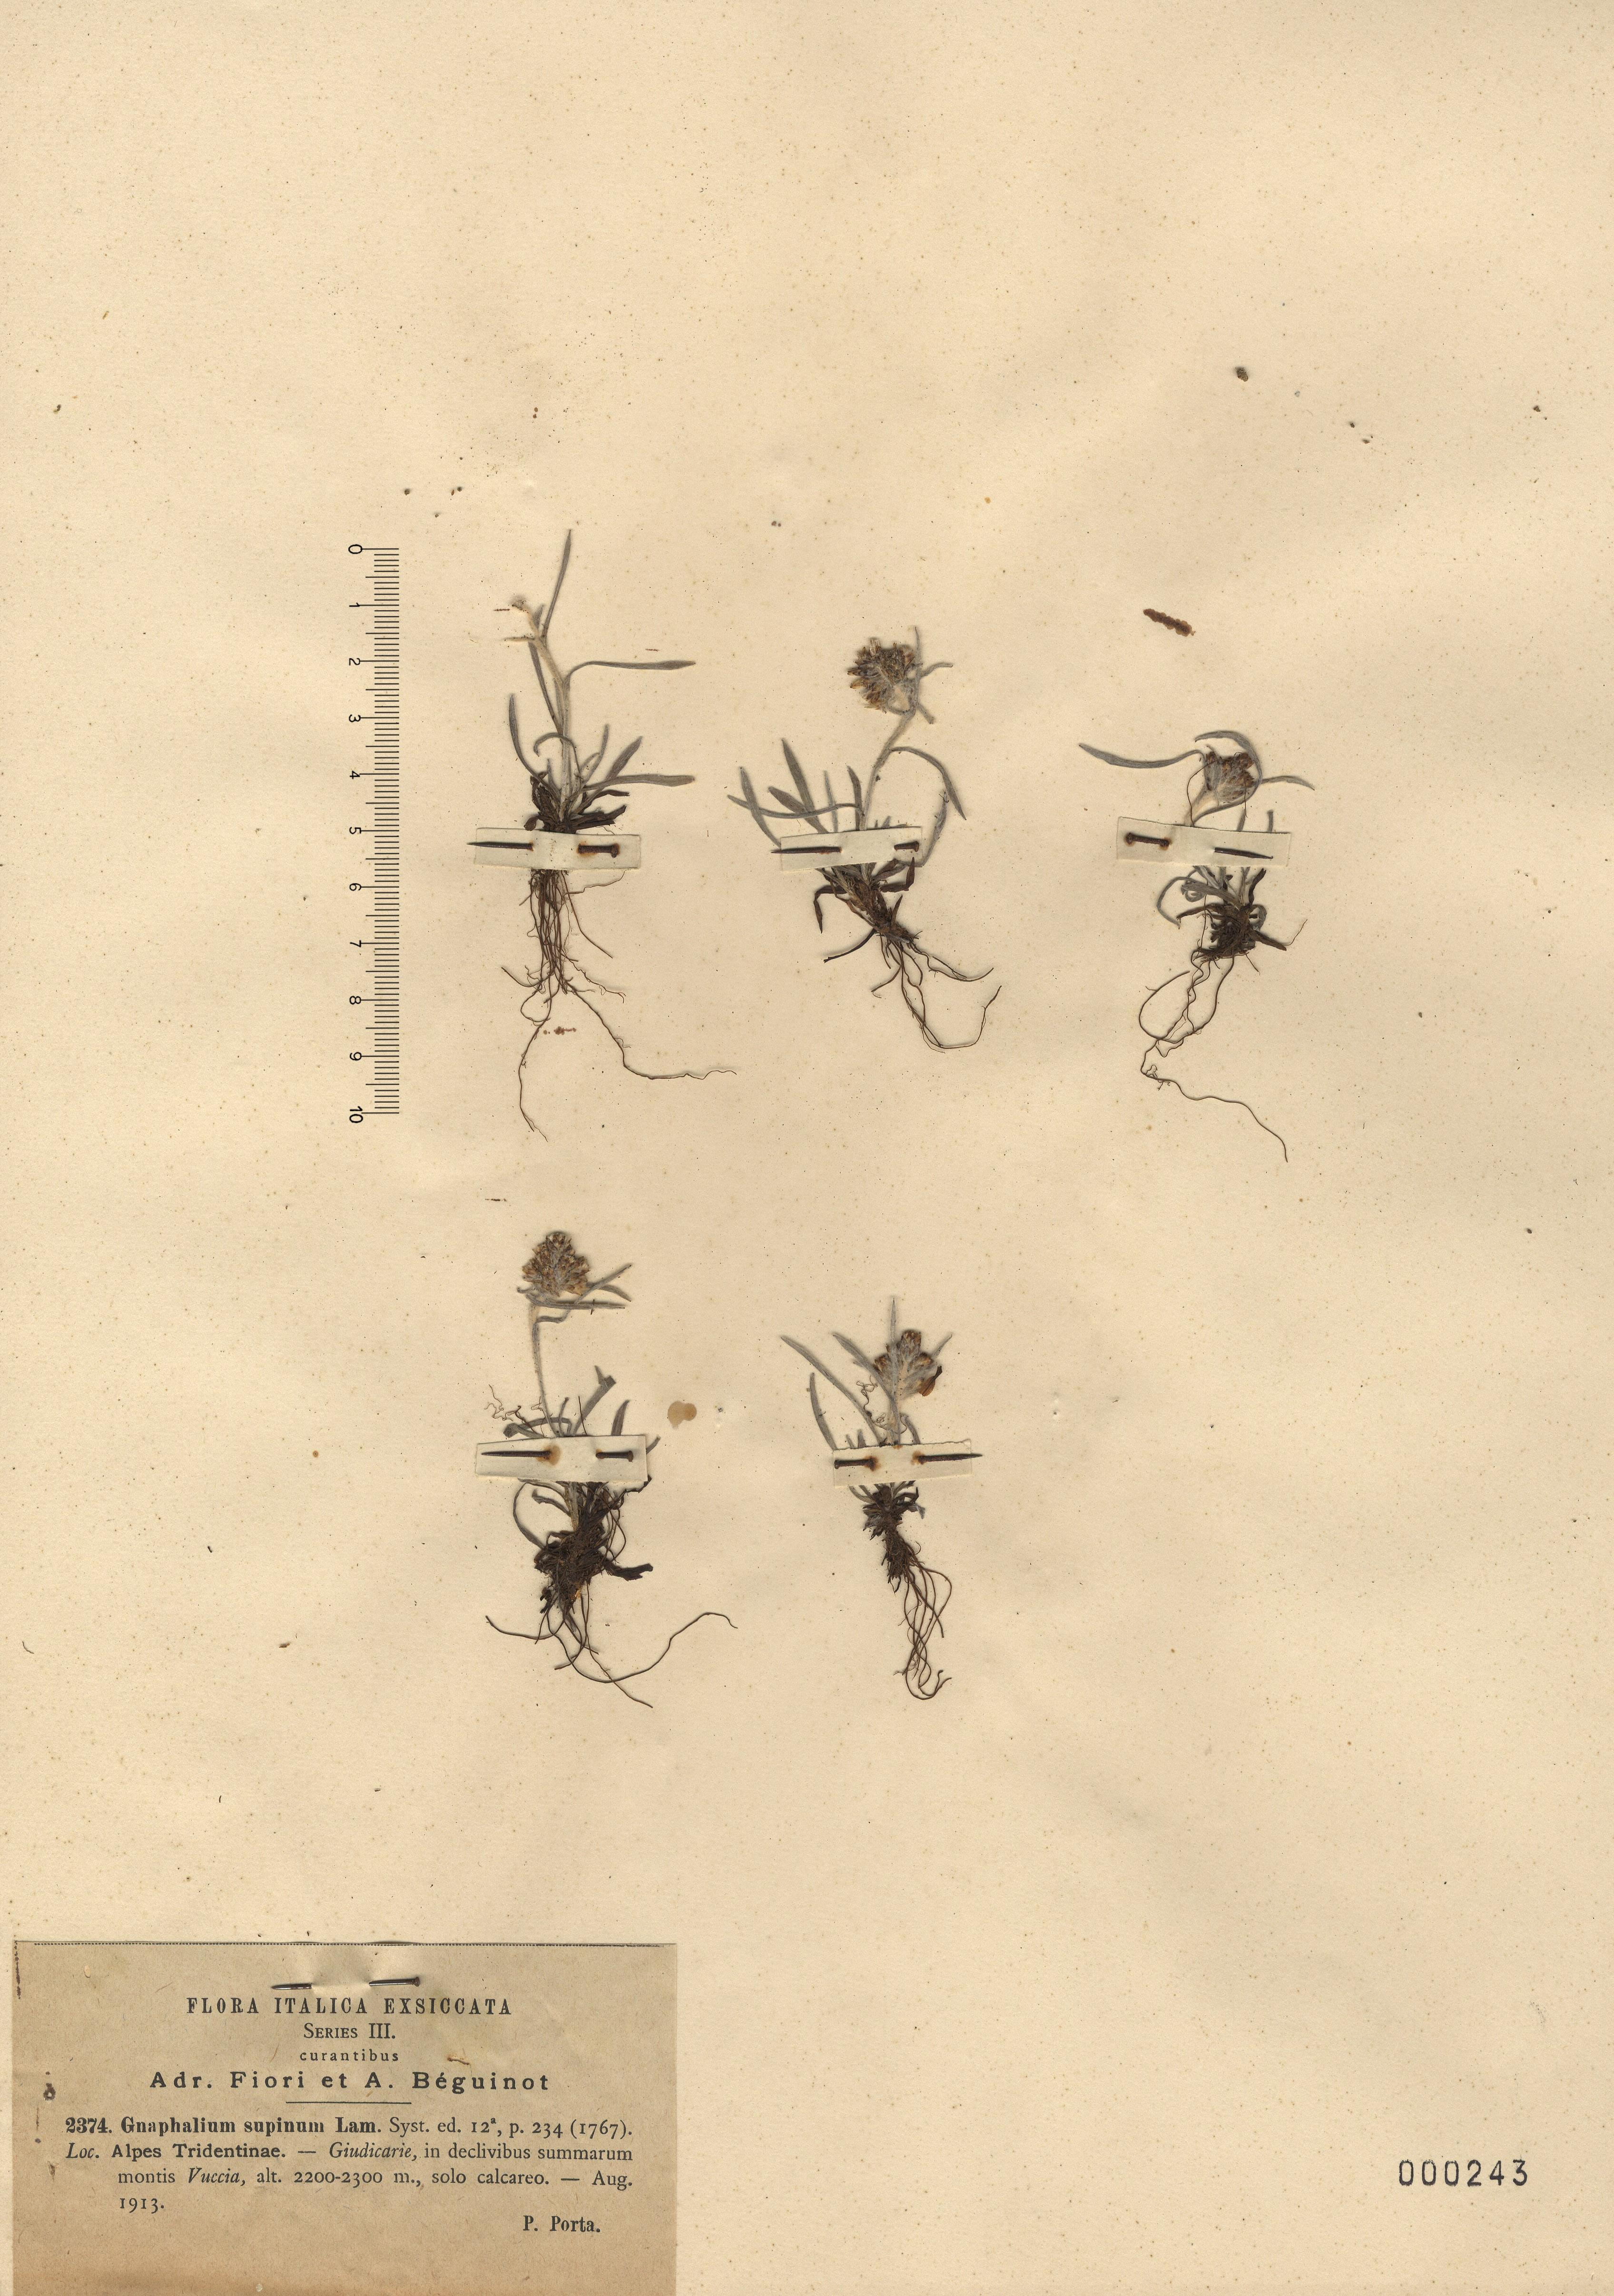 © Hortus Botanicus Catinensis - Herb. sheet 000243<br>